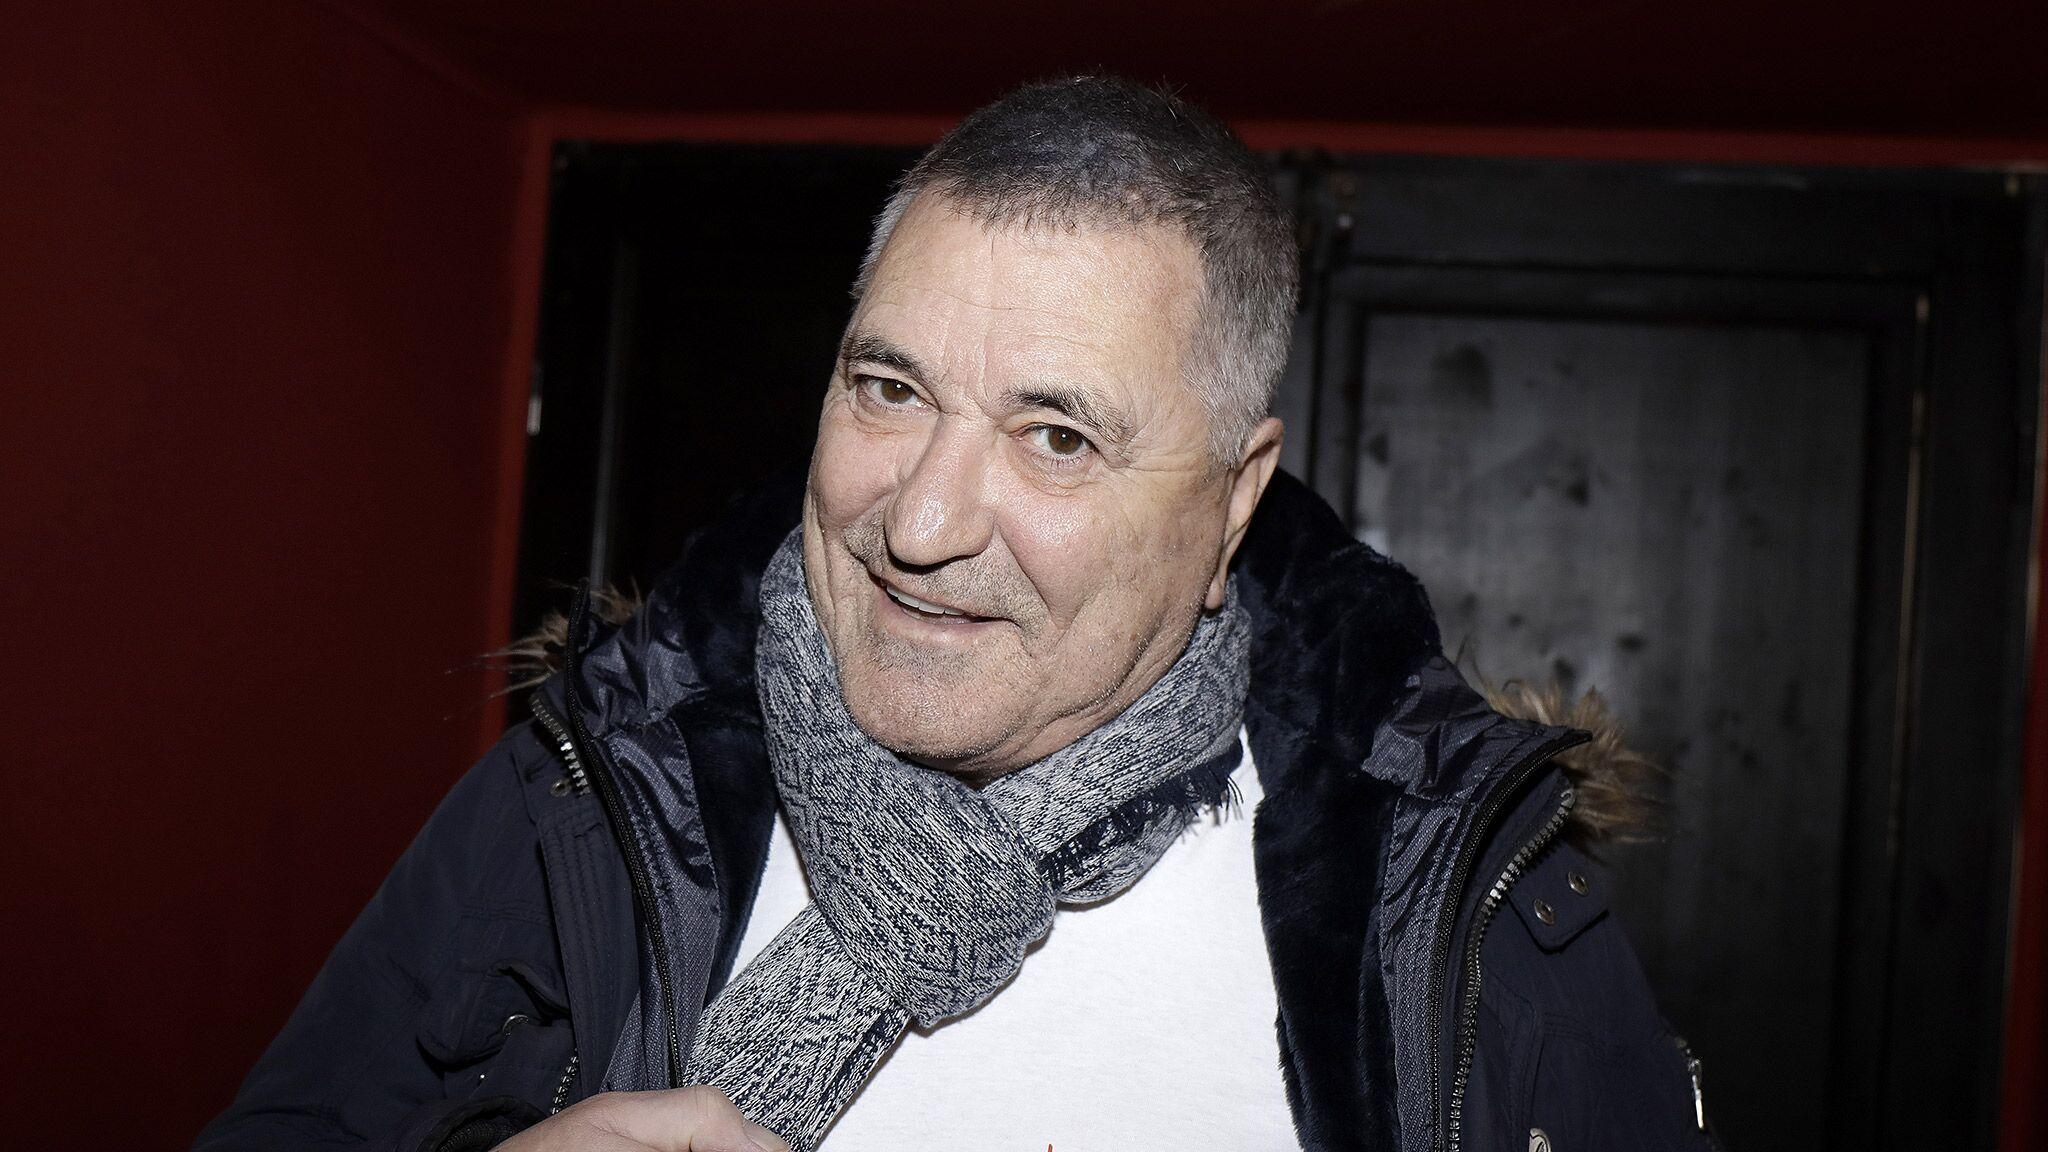 Jean-Marie Bigard exclu d'une émission de Michel Drucker, il pousse un énorme coup de gueule